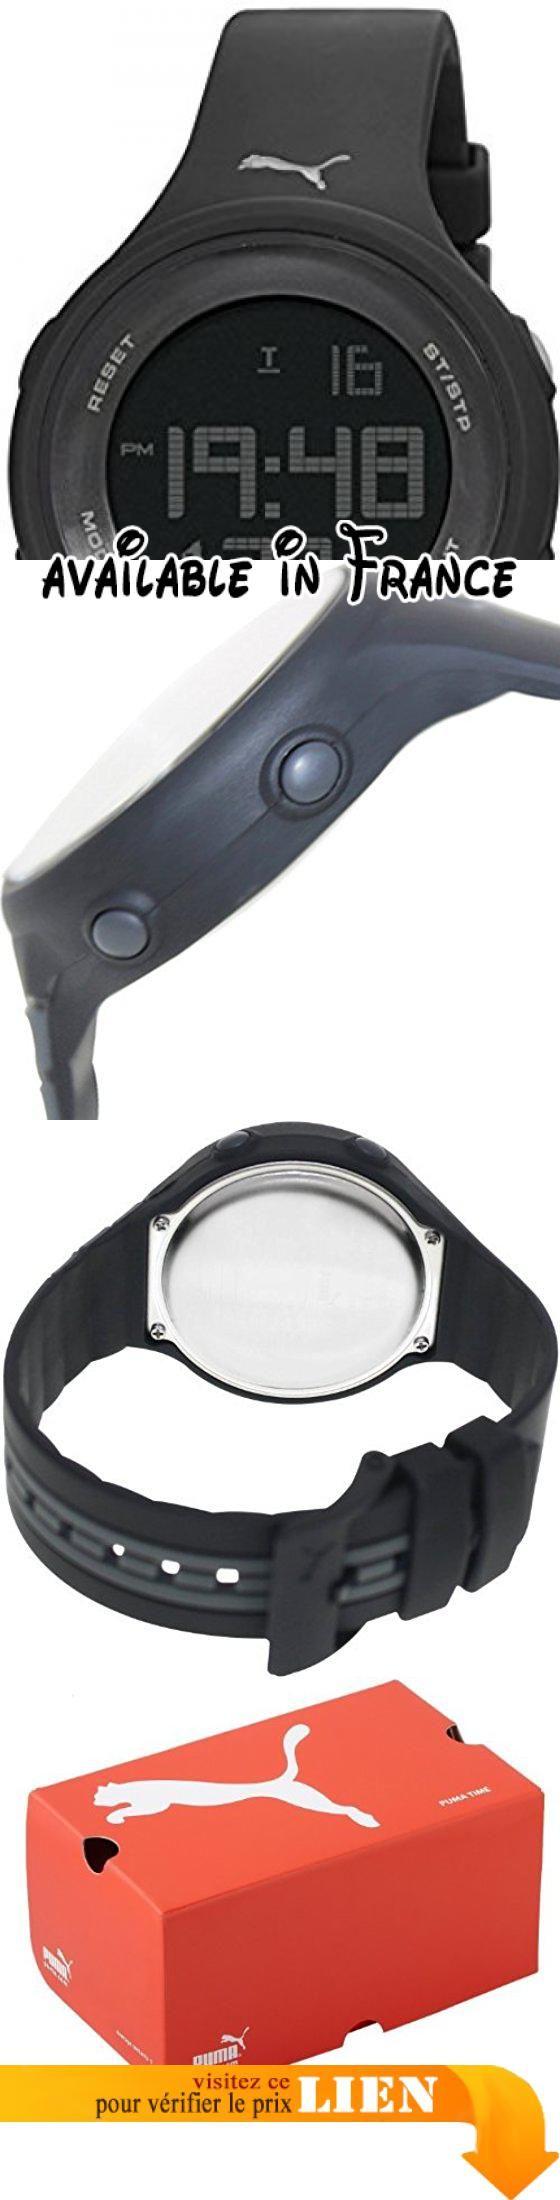 B00EU9V9IO : Montre bracelet - Mixte - Puma - PU911091002. Montre Mixte à mouvement Quartz - Bracelet en Résine multicolore. Type d'affichage : Digital. Diamètre du cadran : 44 millimètres. Type de verre : Plastique